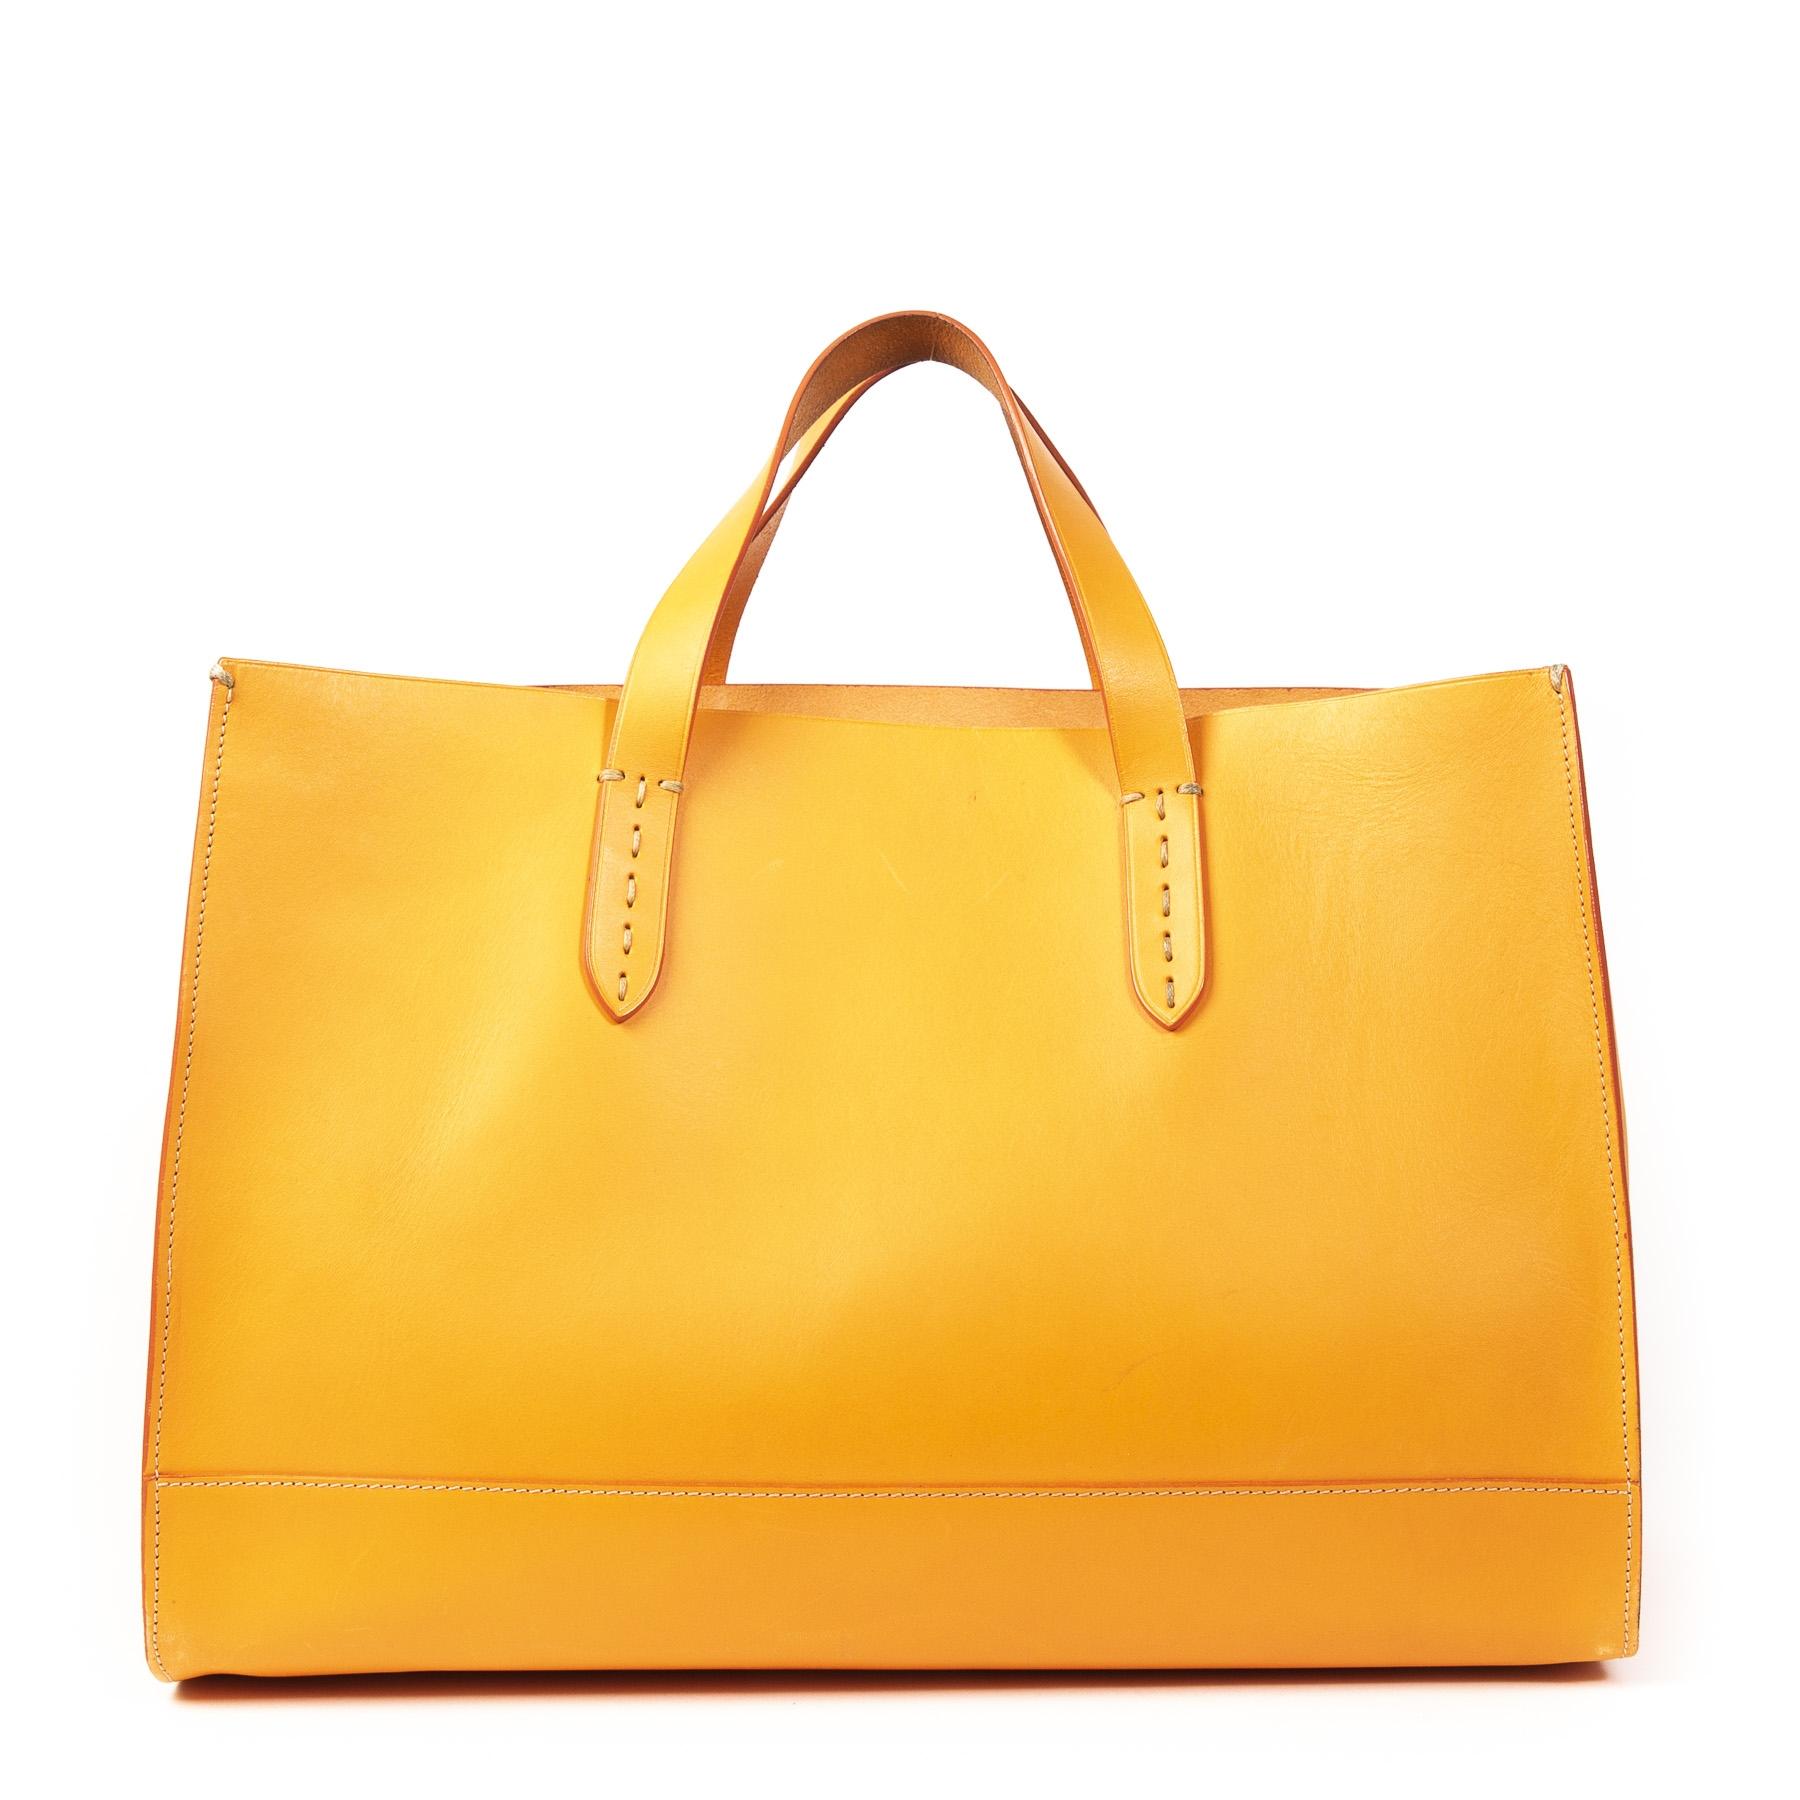 Authentieke Tweedehands Ralph Lauren Orange Tote Bag juiste prijs online shoppen webshop luxe merken winkelen Antwerpen België